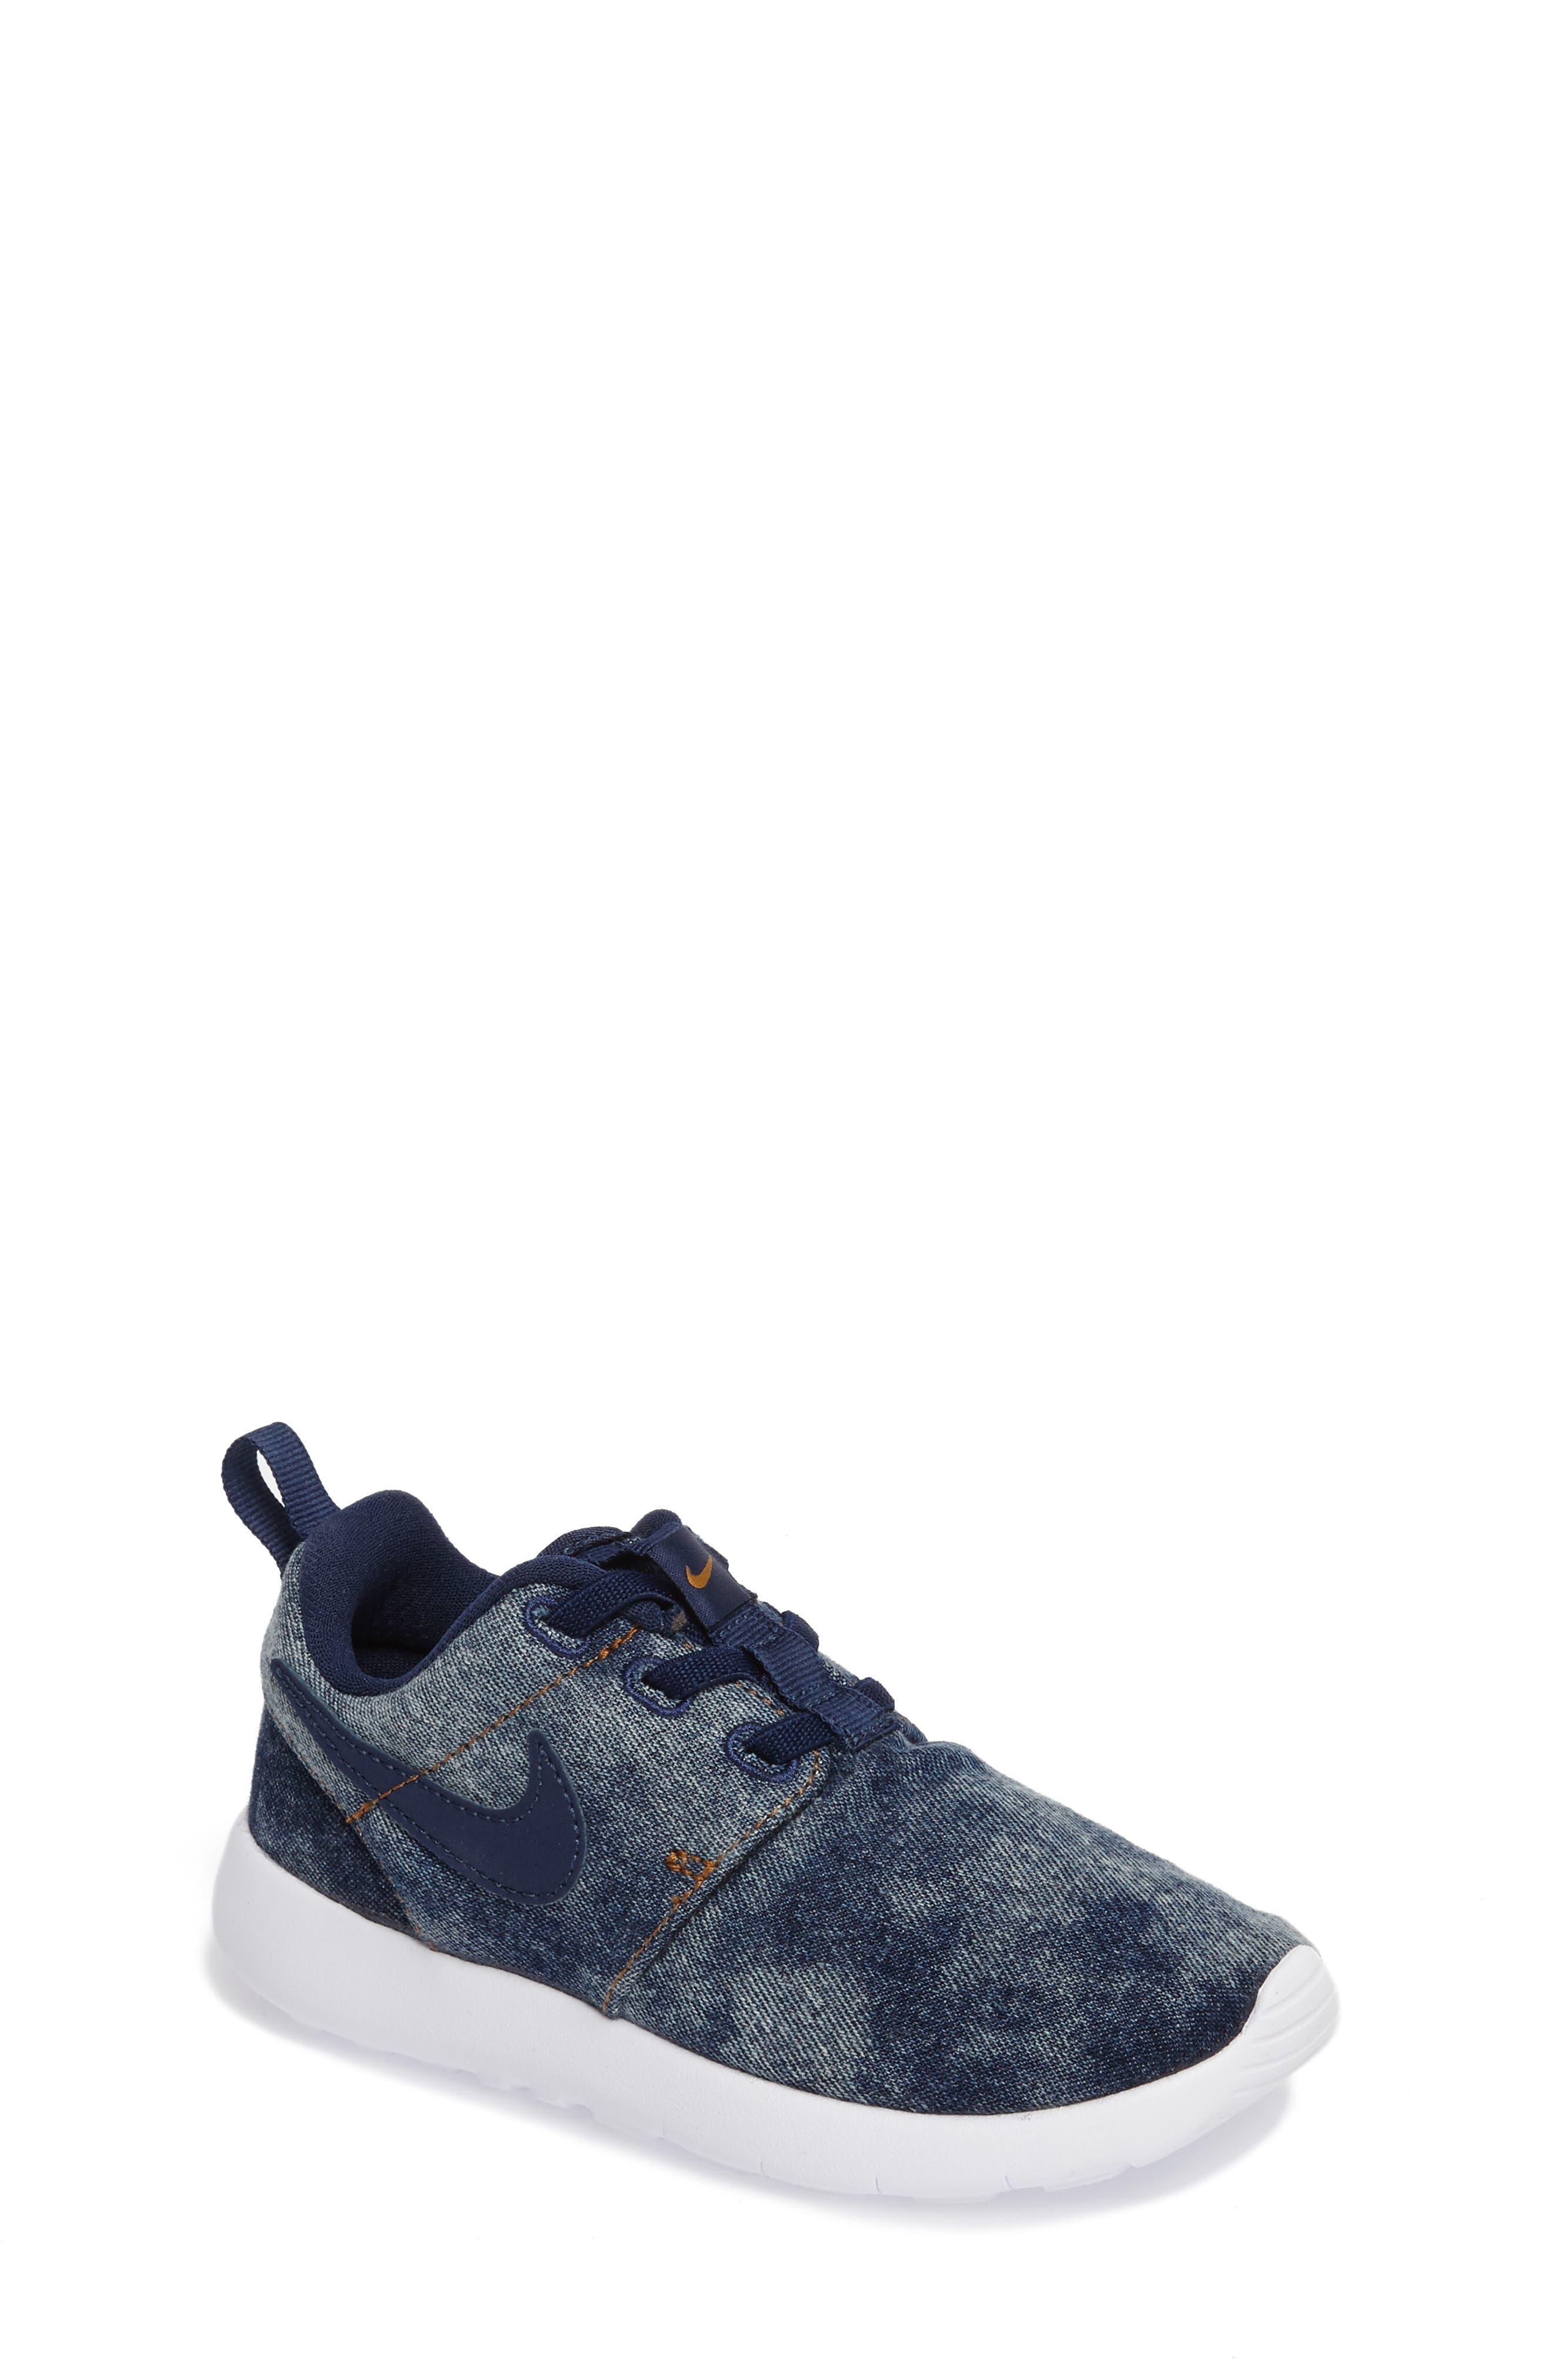 Roshe One SE Sneaker,                         Main,                         color, Midnight Navy/ White